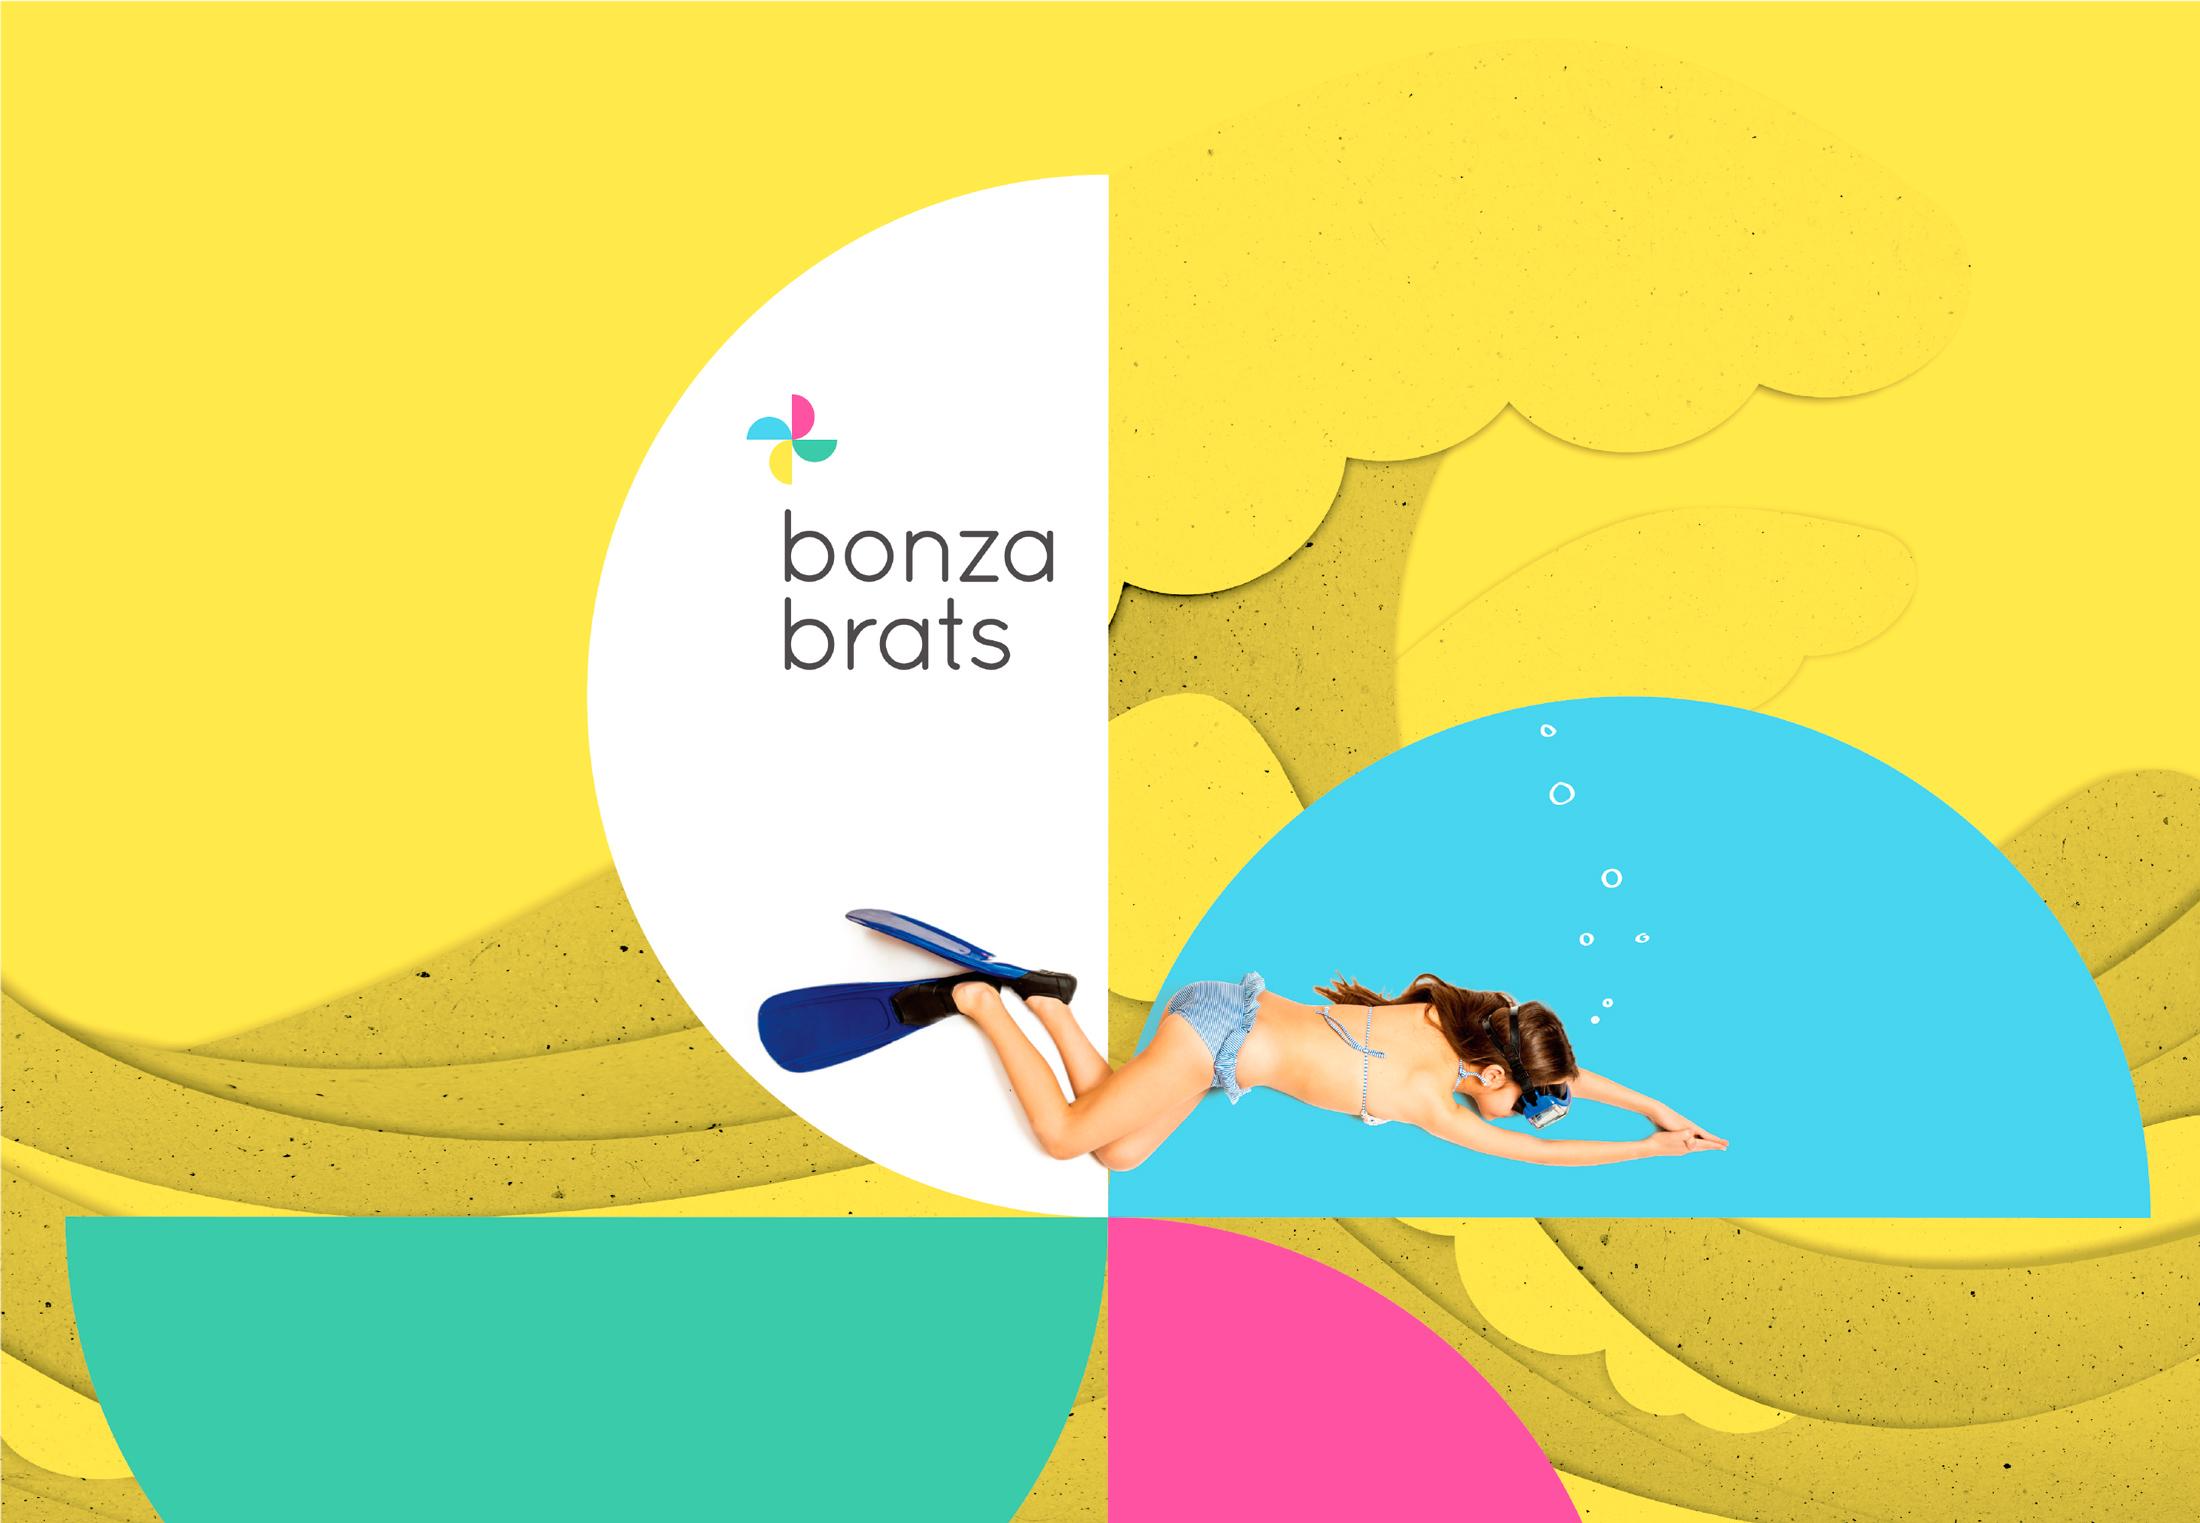 bonza-brats-bondi-retail-shop-brand-design-6